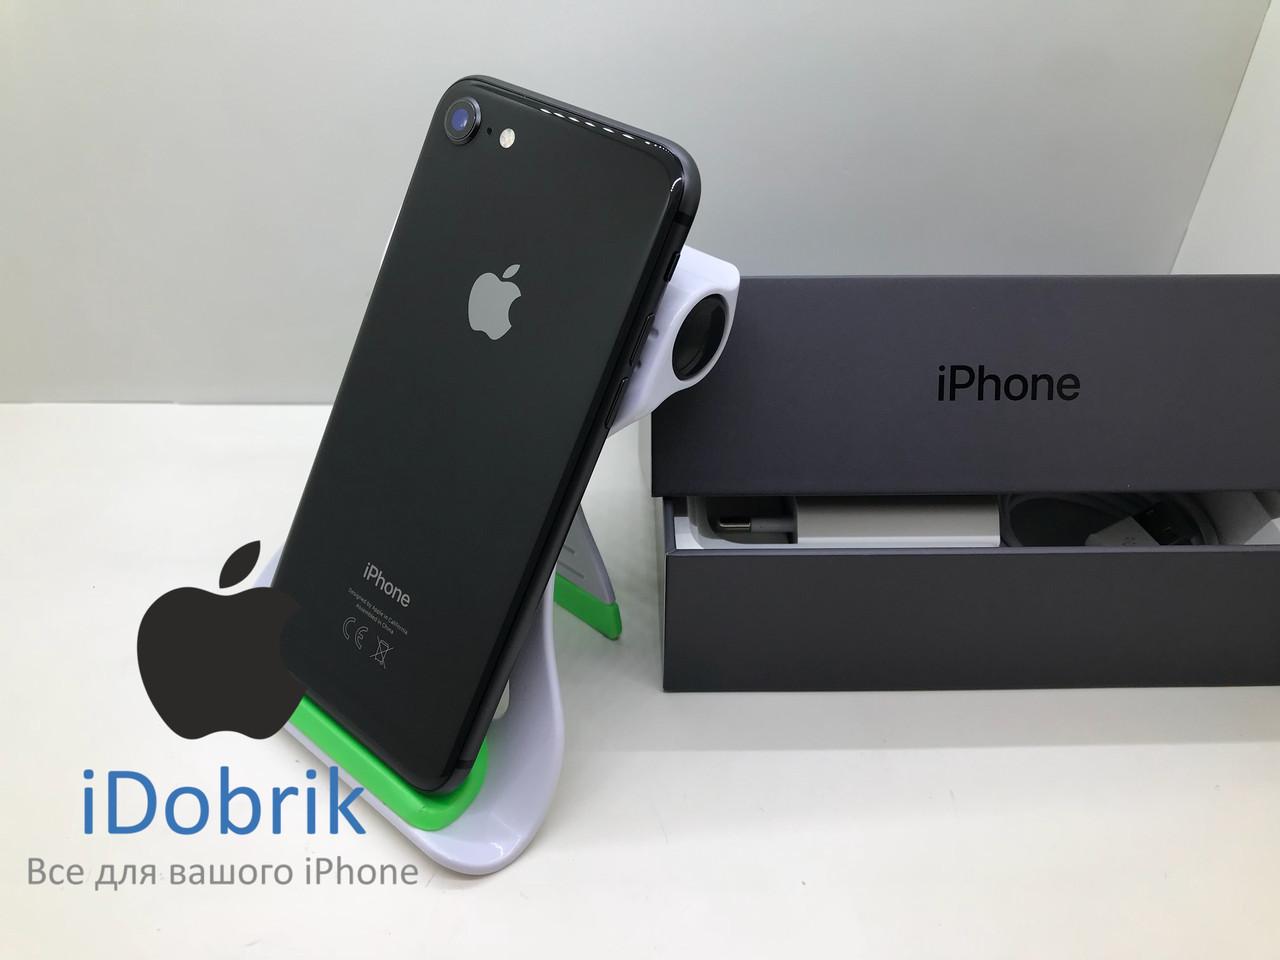 Б/У iPhone 8 256gb Space Gray Neverlock 10/10